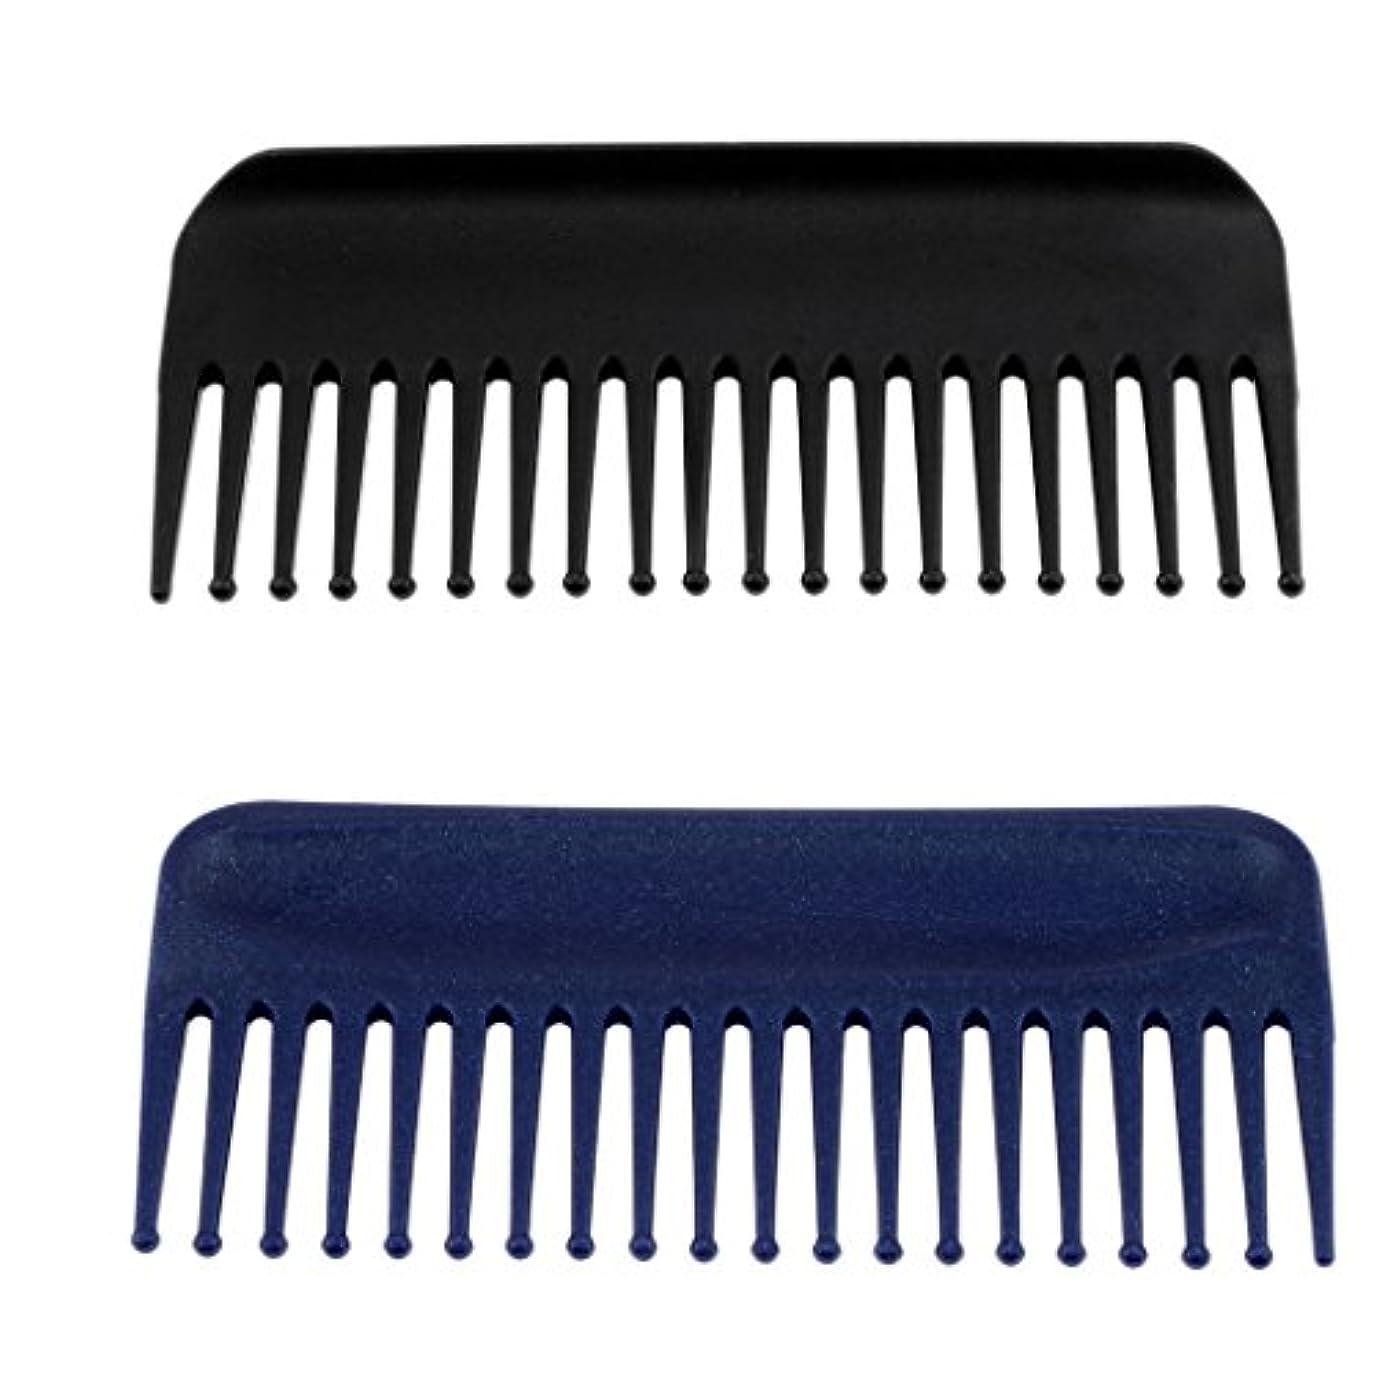 継承同級生グローバルヘアコーム 静電気防止櫛 頭皮マッサージ ヘアケア 2個